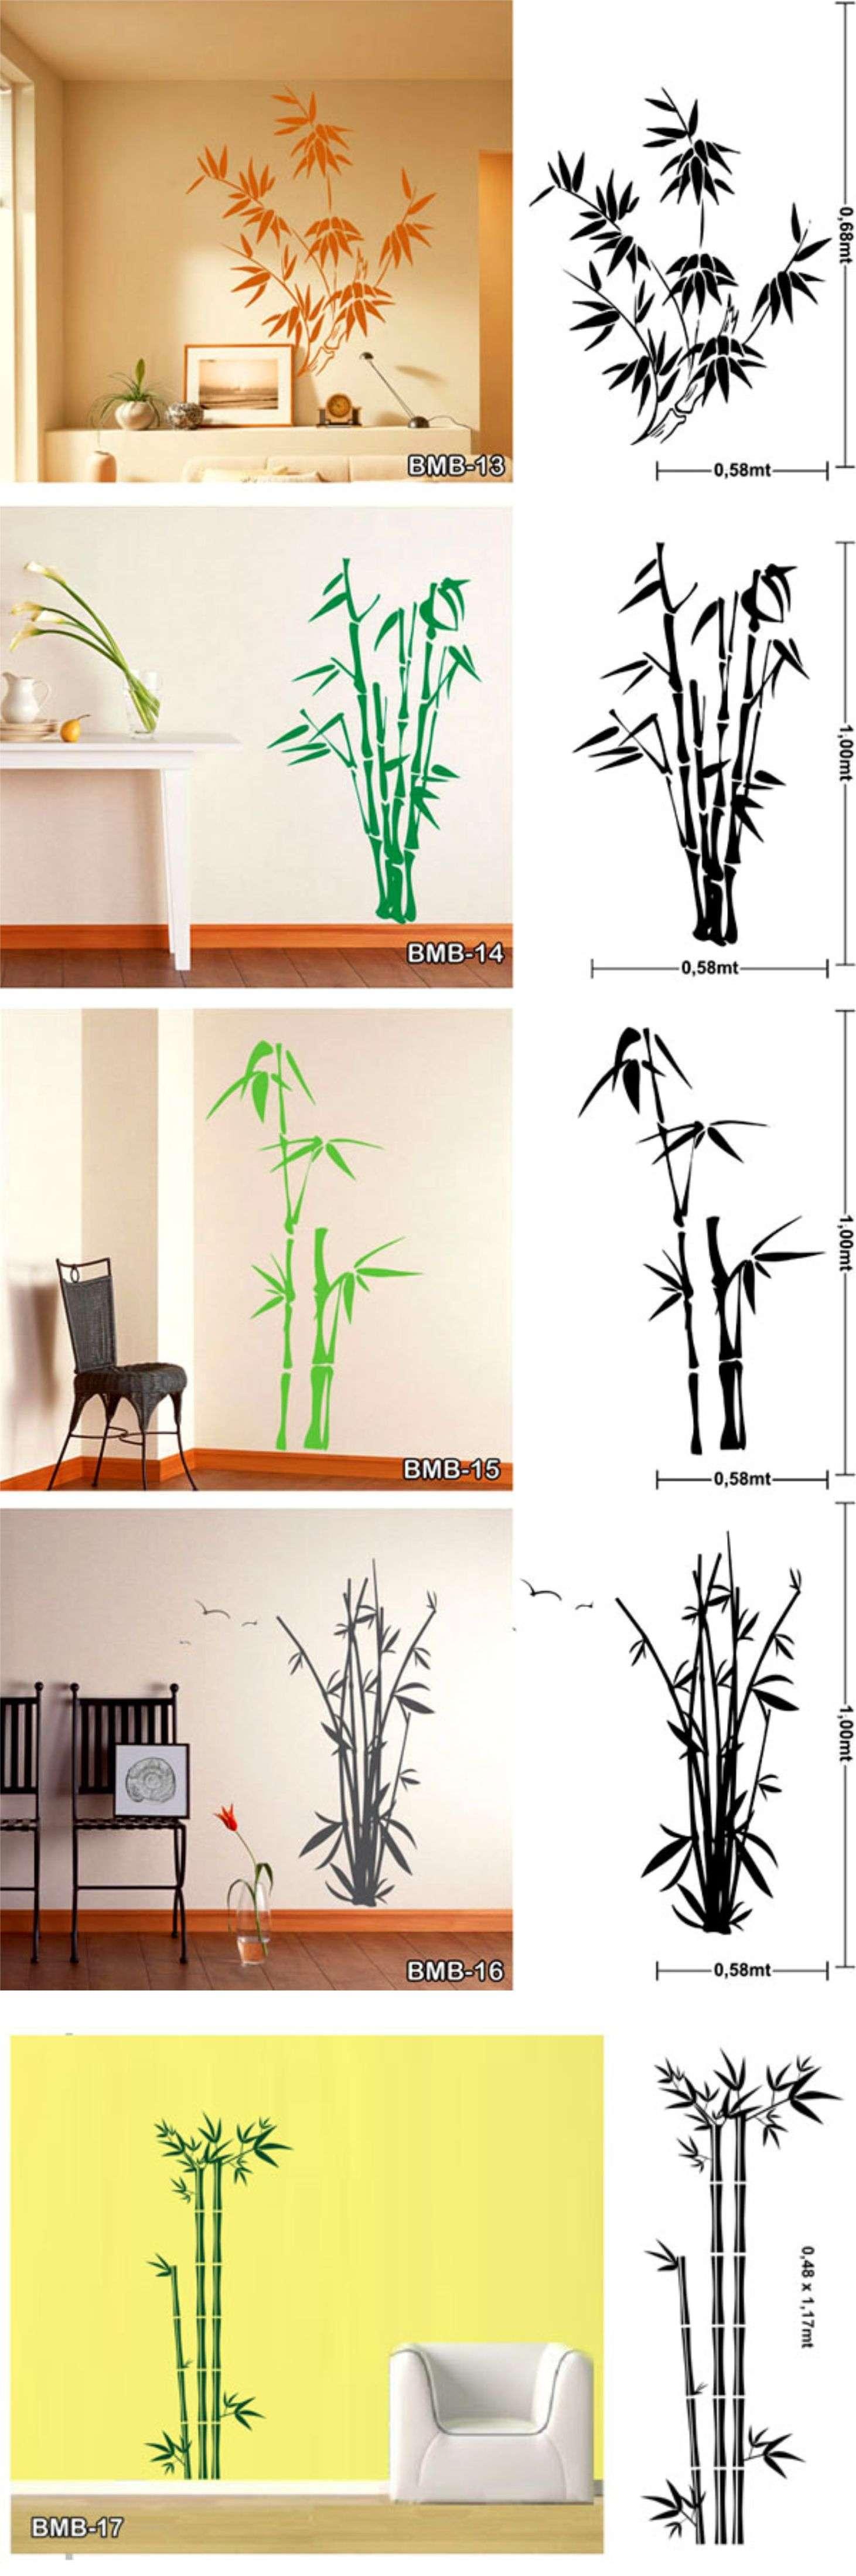 Vinilos decorativos de pared todo bamb bamboo vinilos Todo vinilos decorativos